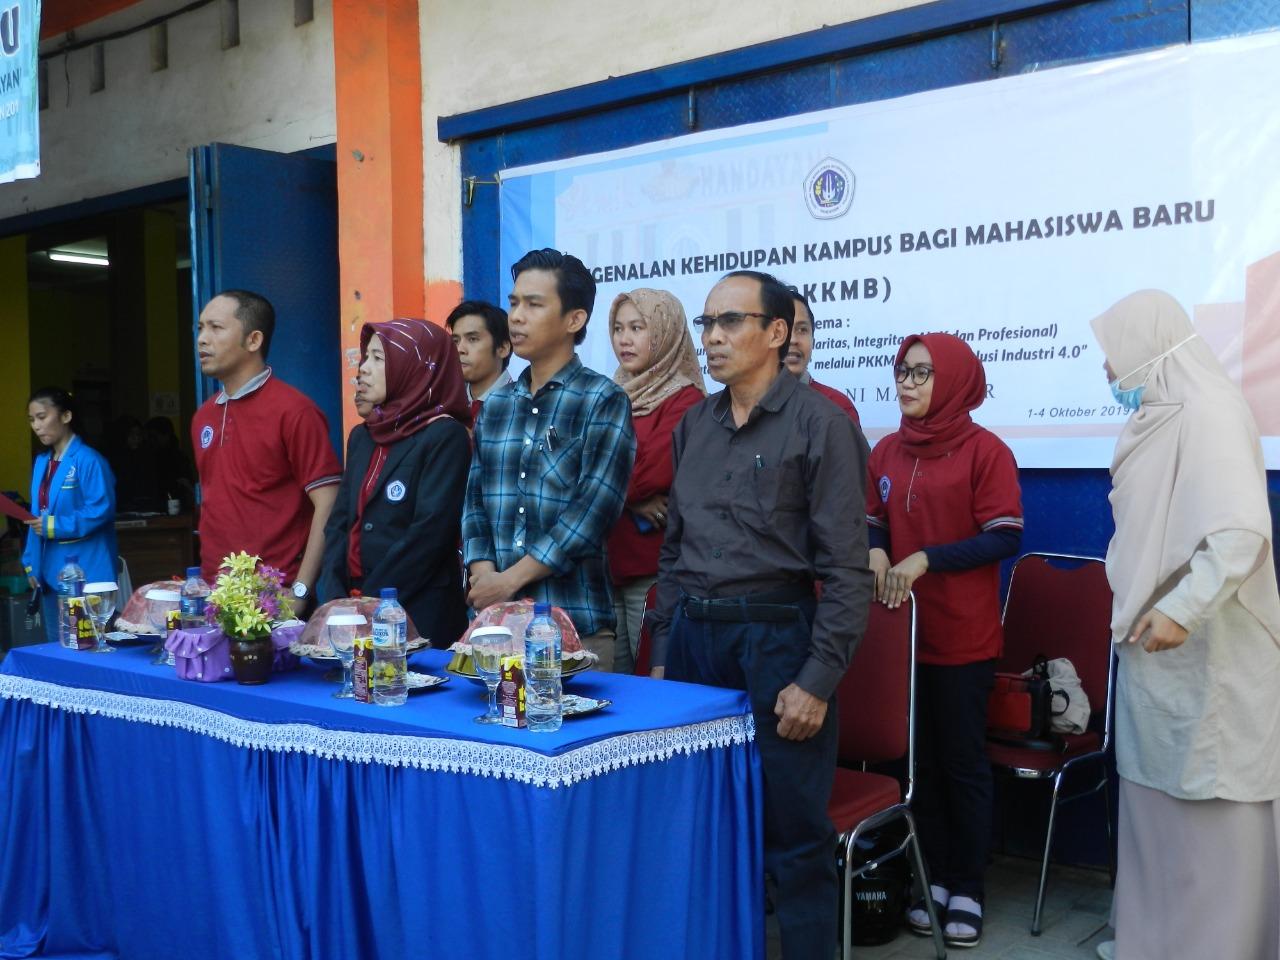 Badan Pengurus Yayasan Pendidikan Handayani Makassar